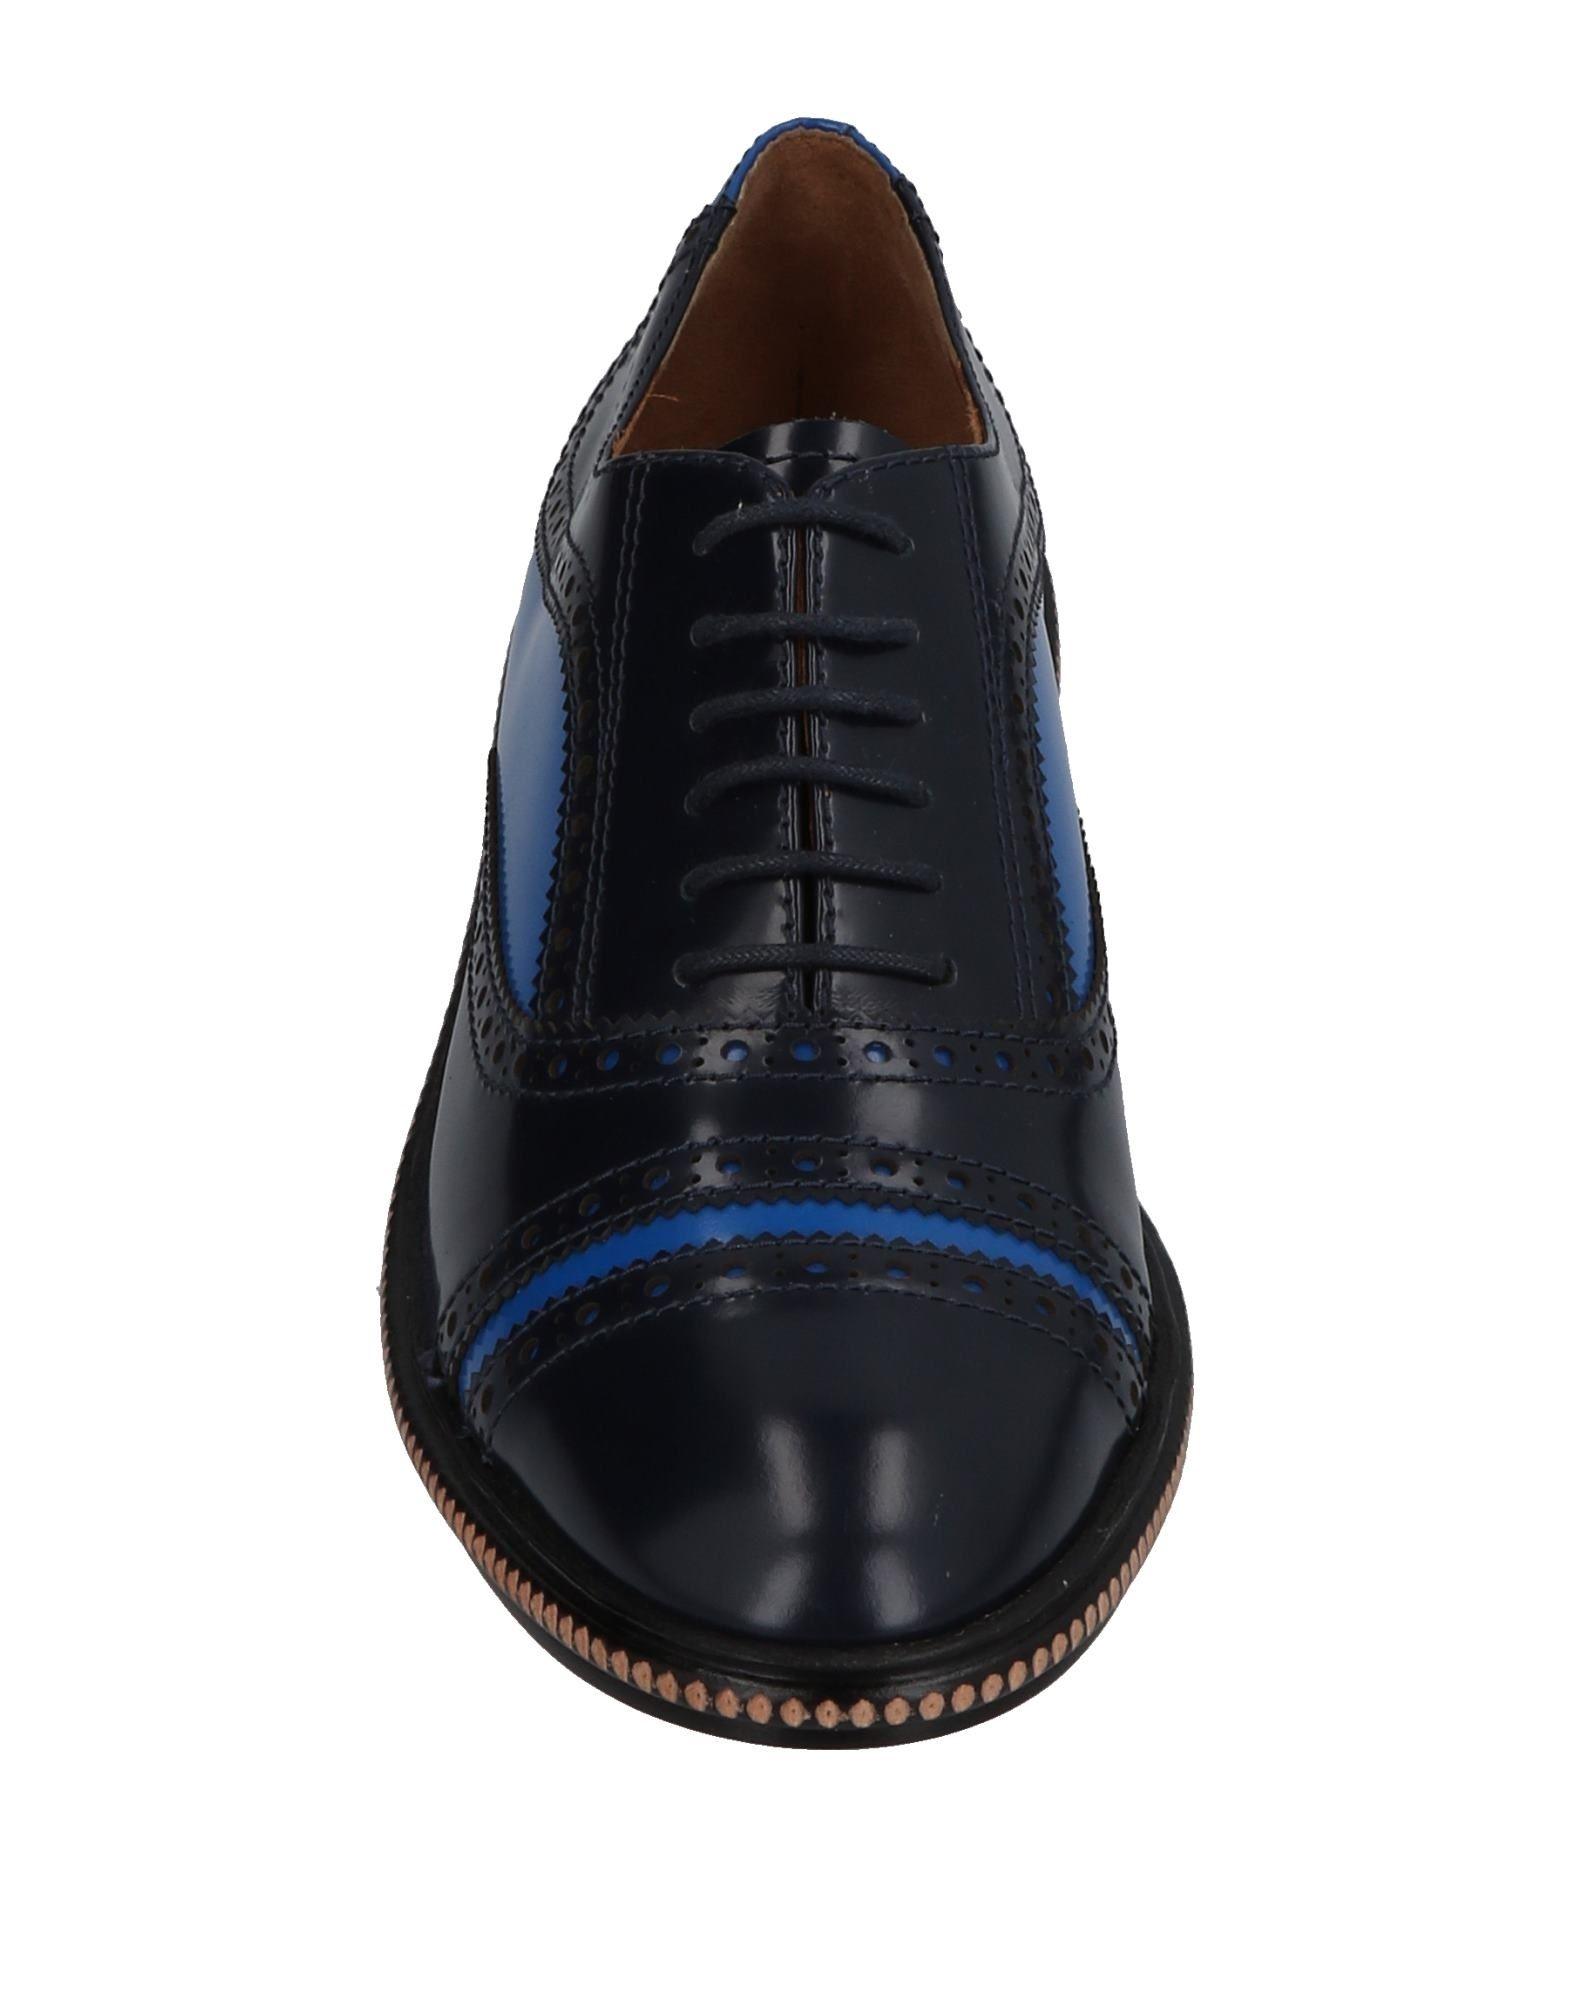 Chaussures À Lacets Marc By Marc Jacobs Femme - Chaussures À Lacets Marc By Marc Jacobs sur